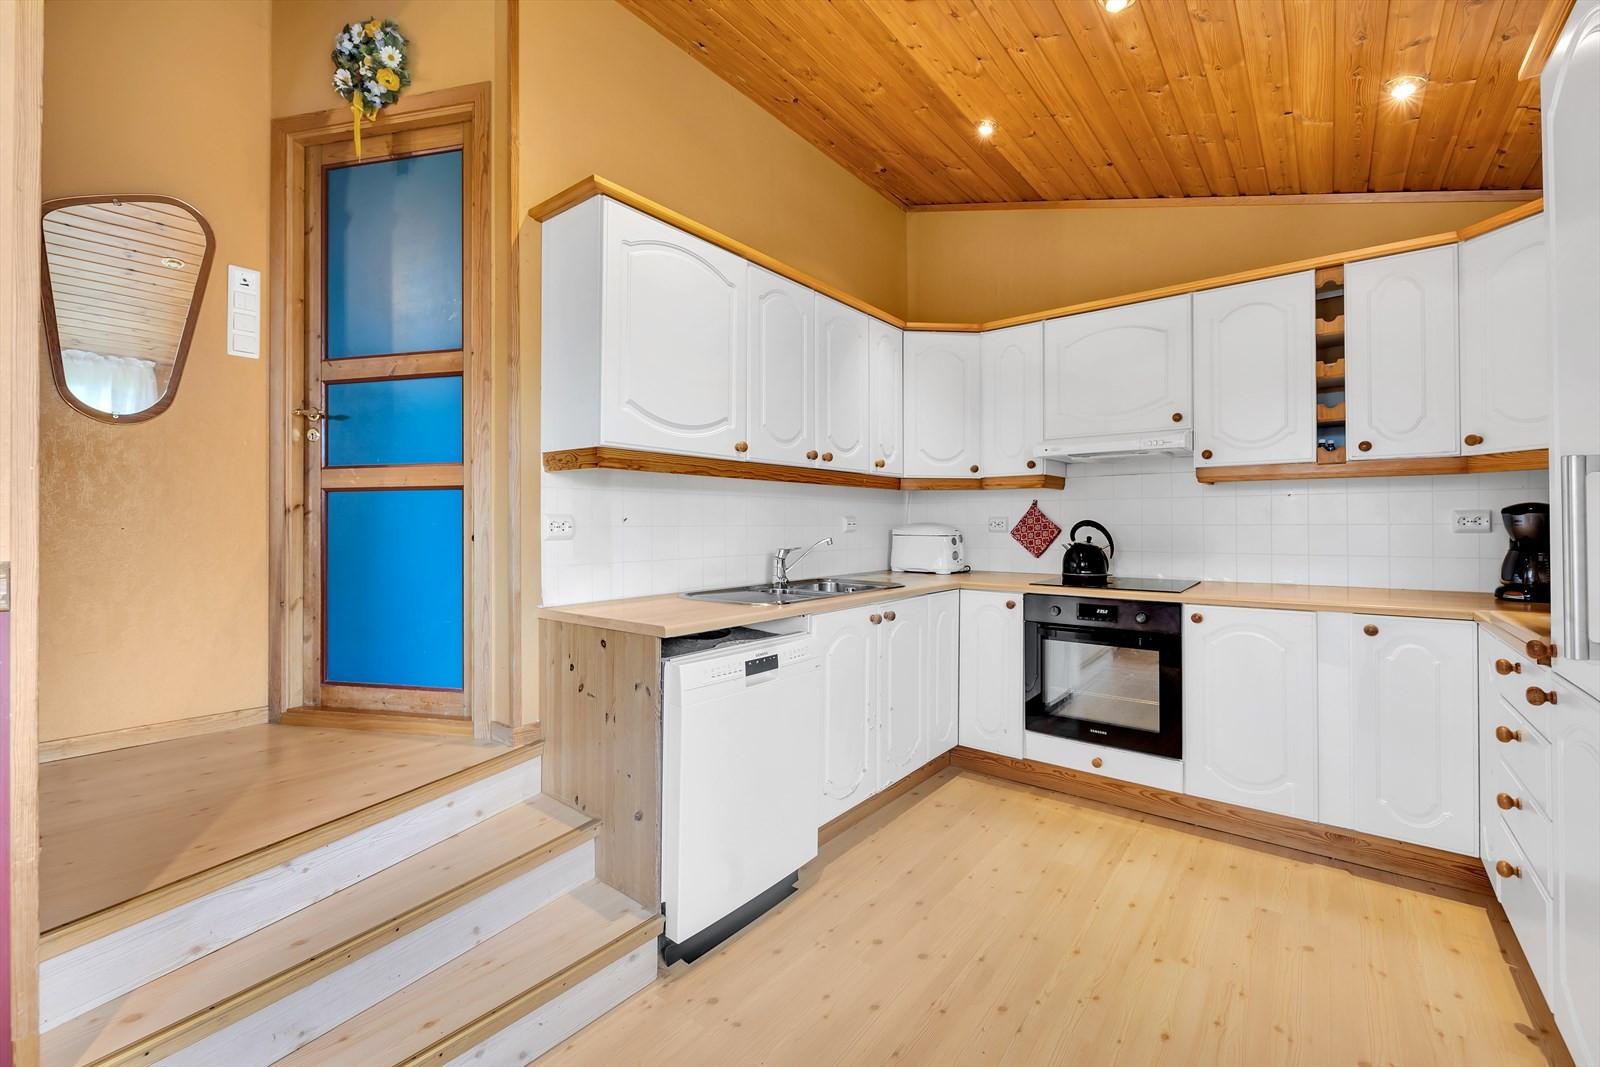 Kjøkken med hvit profilerte fronter